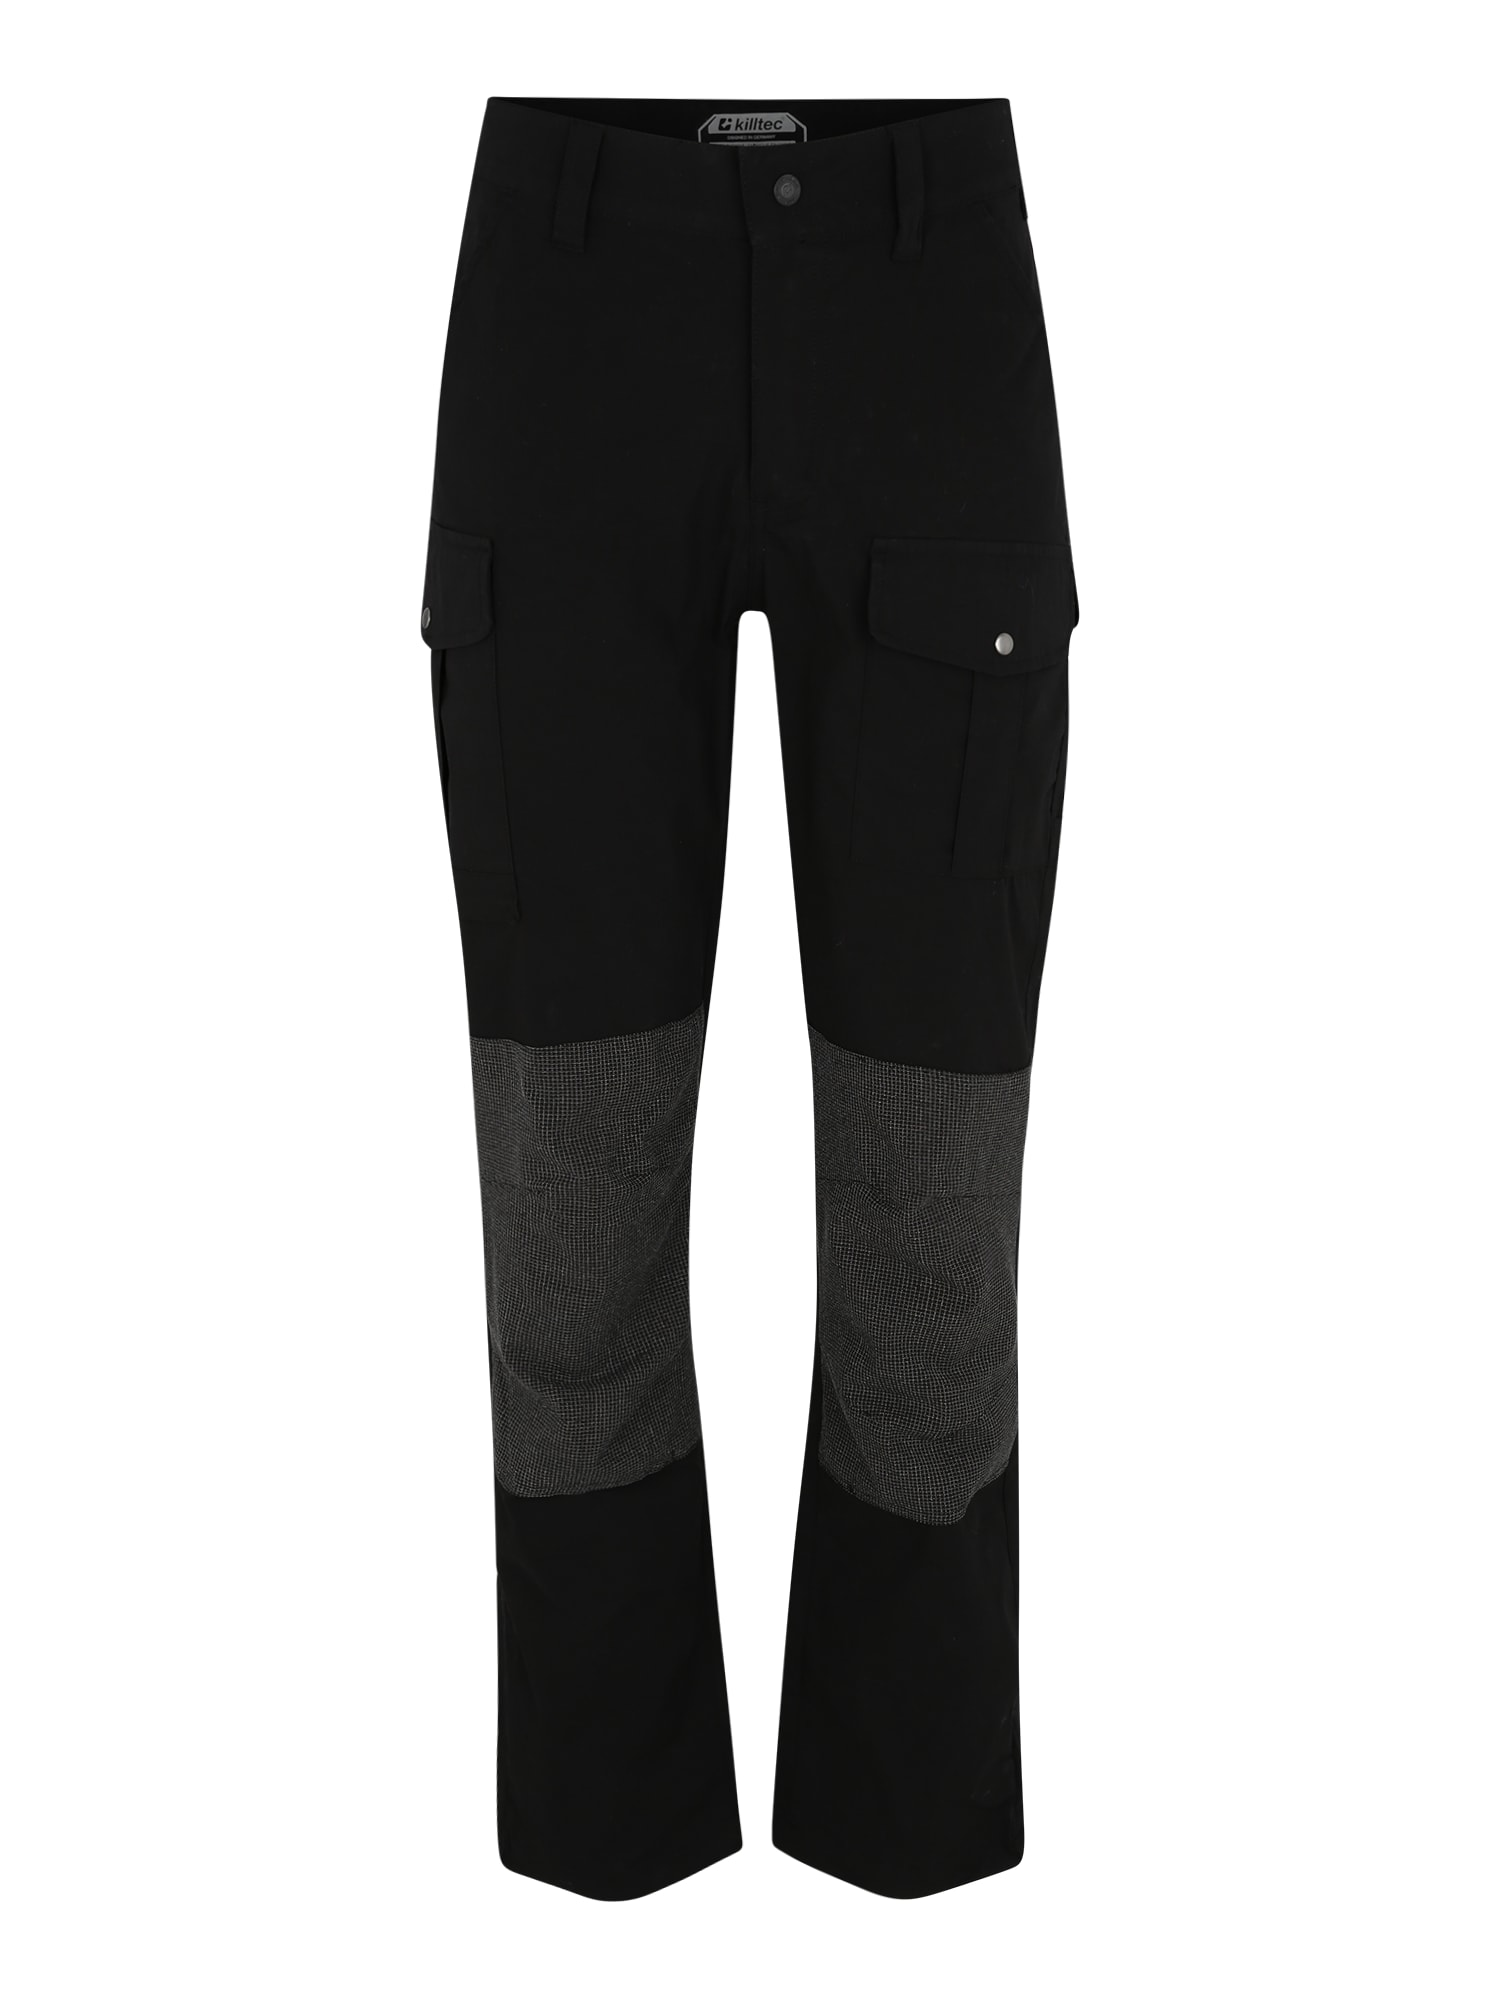 KILLTEC Sportinės kelnės 'Peddro' juoda